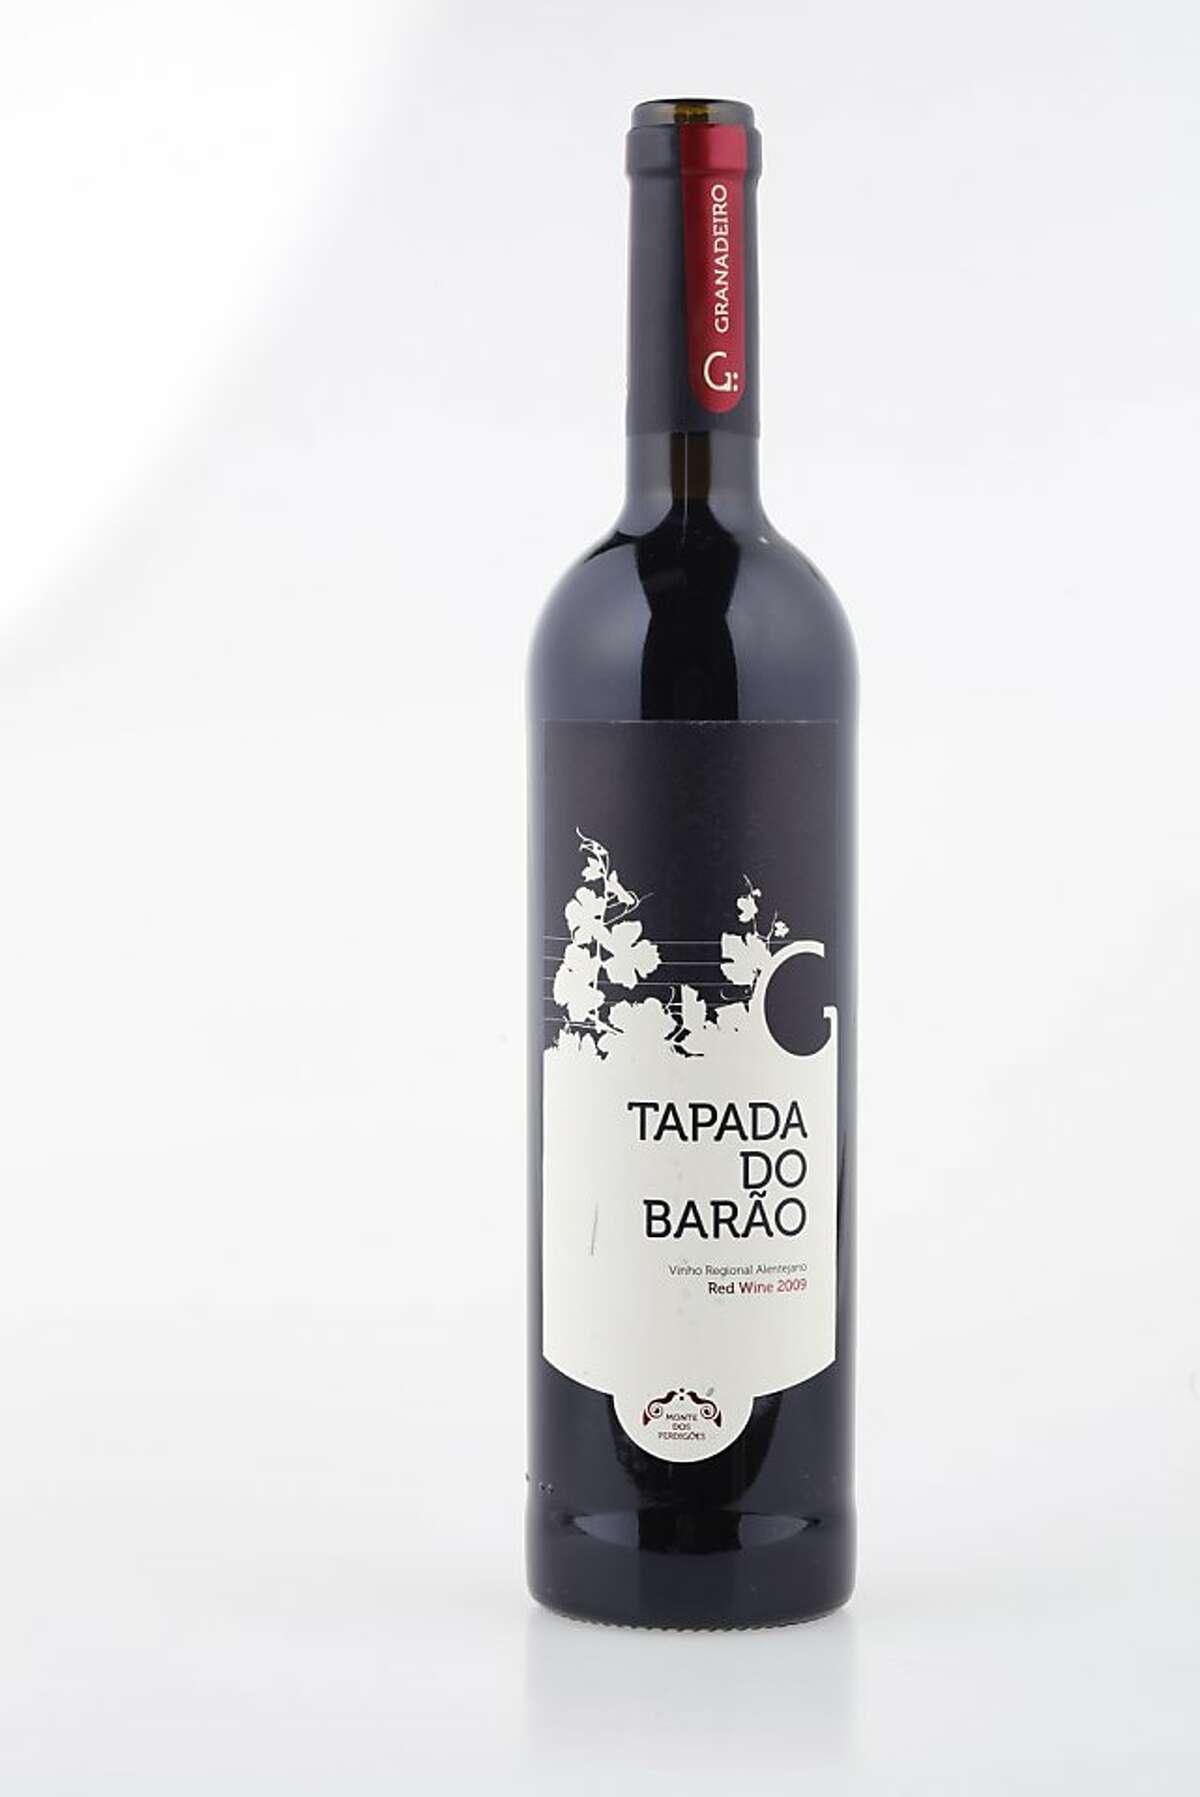 2009 Granadeiro Tapada do Barao Vinho Regional Alentejano Red ($13, 14%)